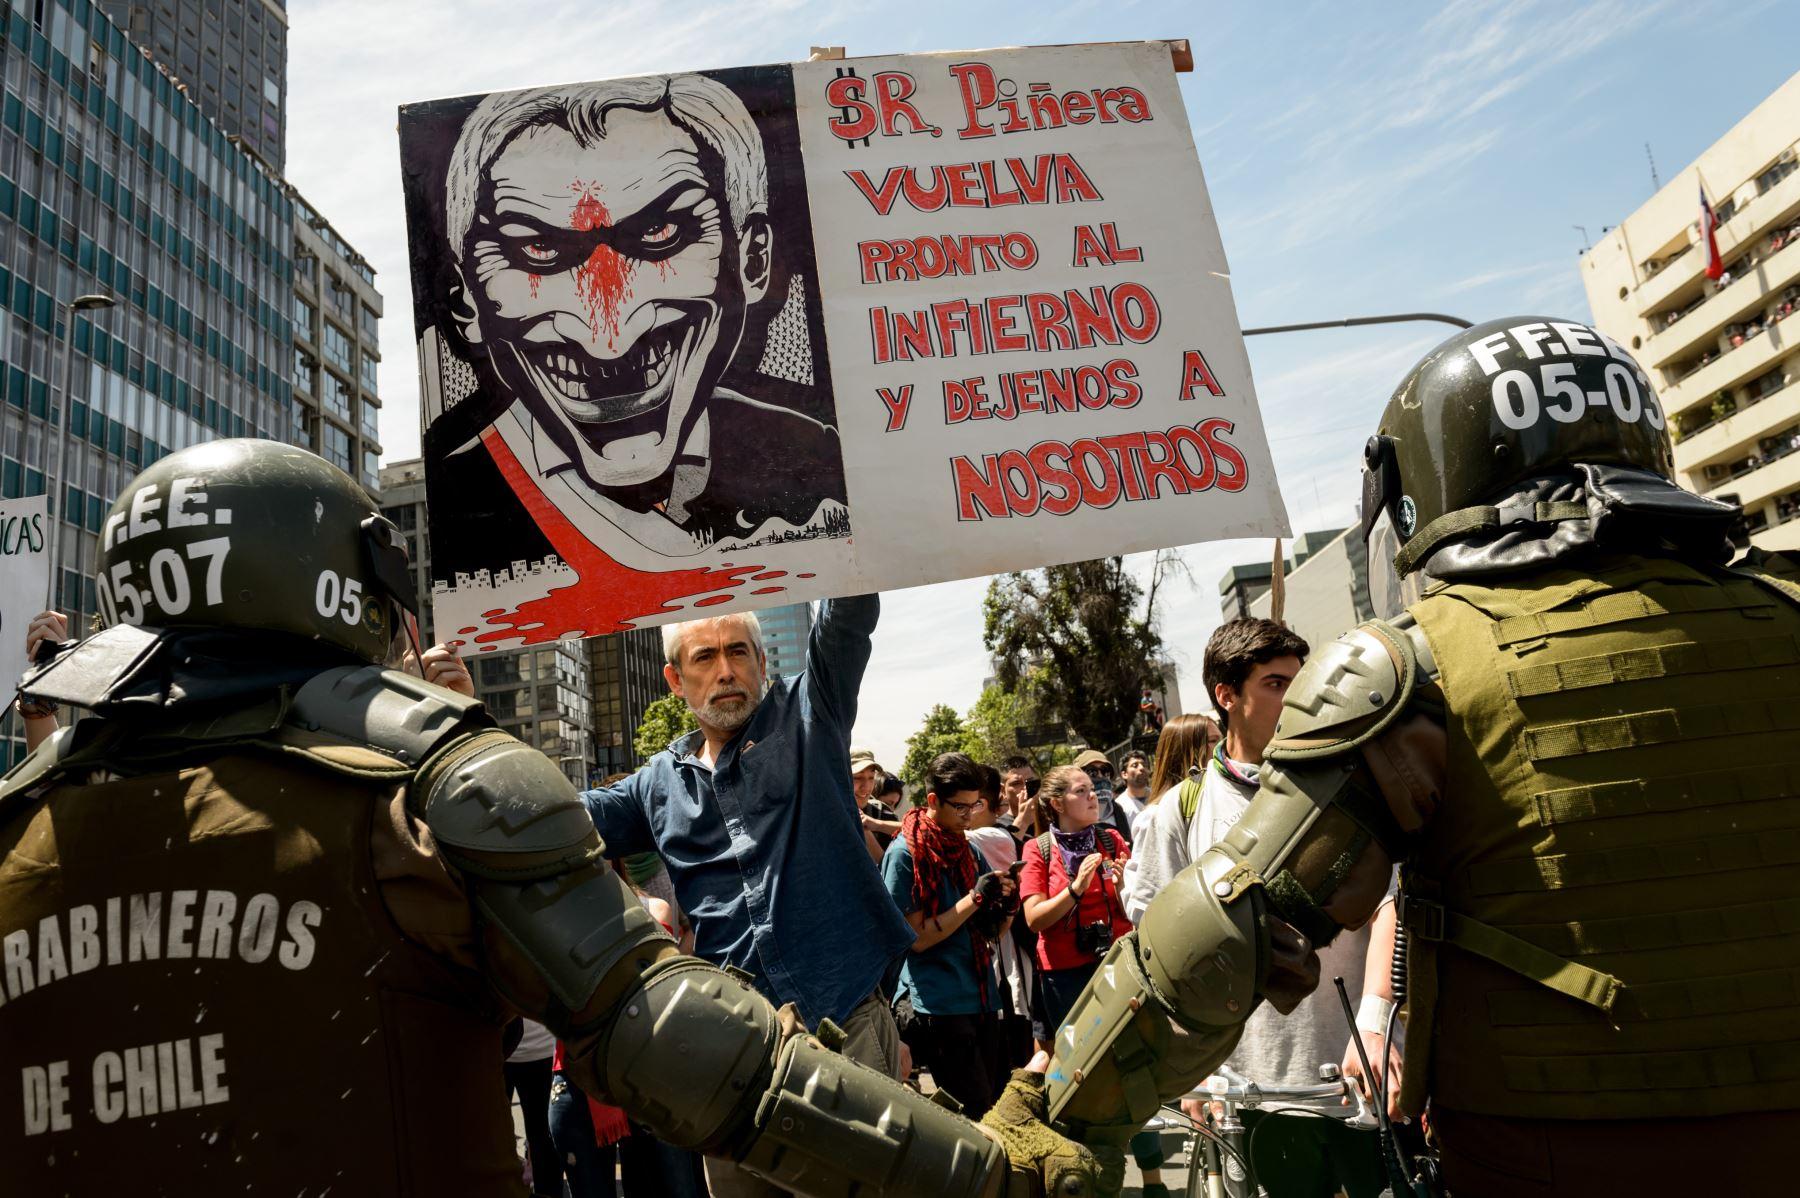 La gente se manifiesta en el cuarto día consecutivo de protestas contra un aumento ahora suspendido de los precios de los boletos de metro, en Santiago. Foto: AFP